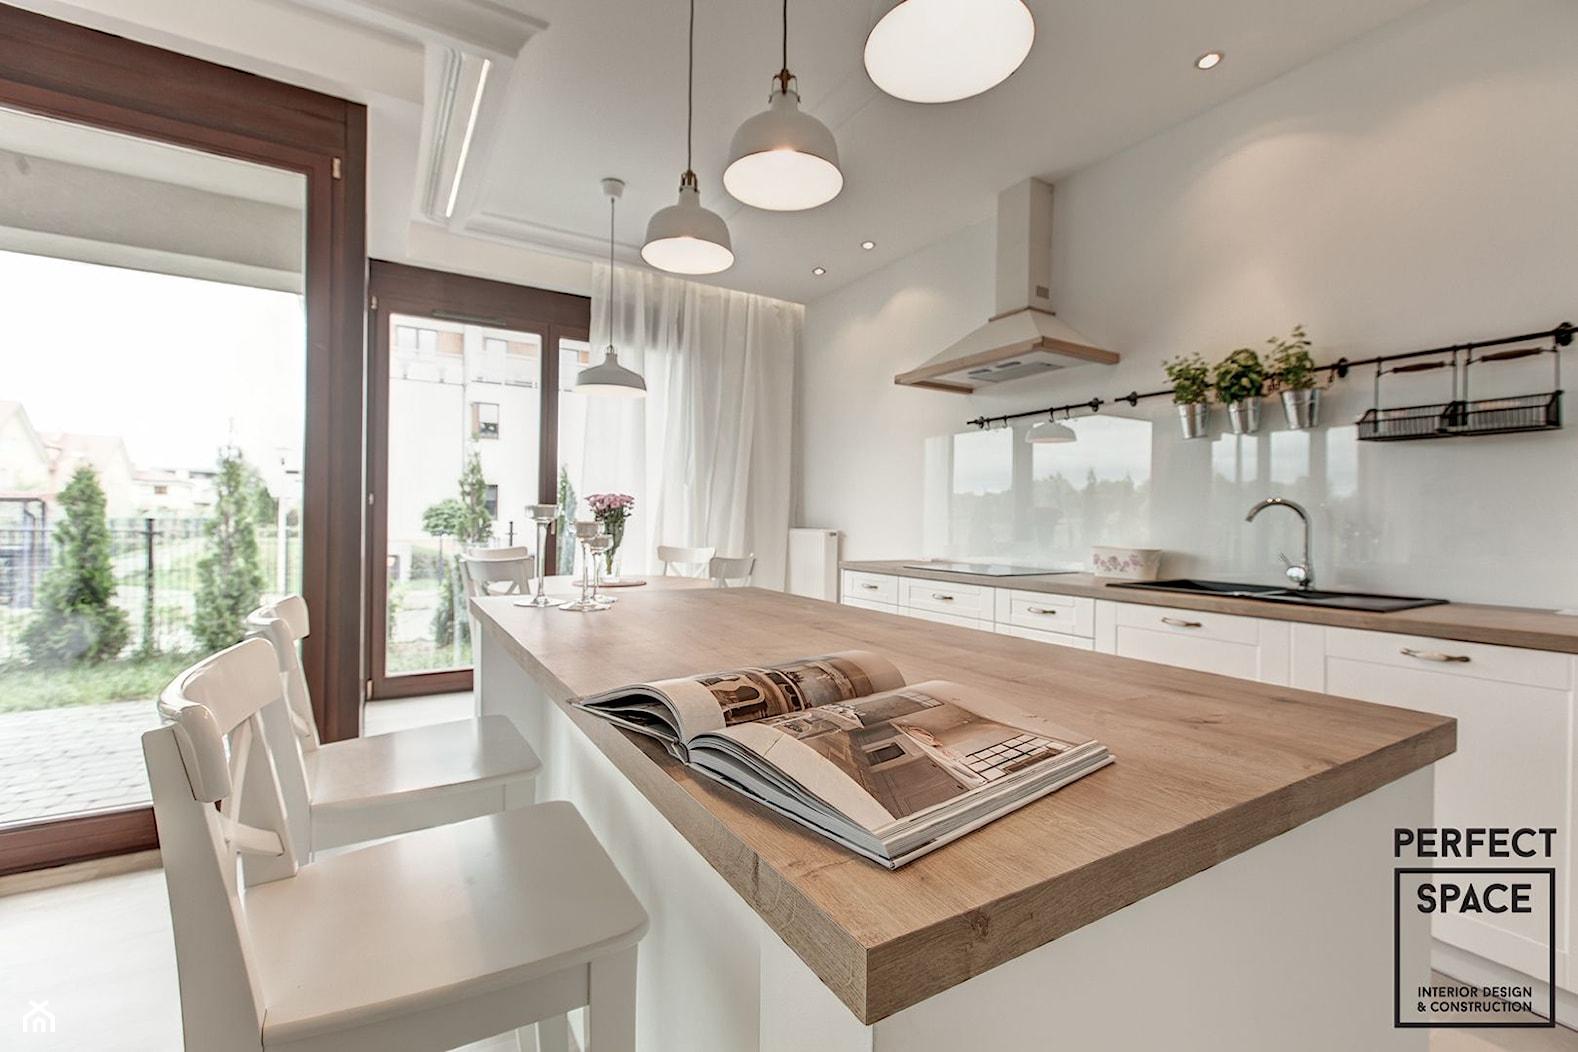 Klasyka na nowo - Kuchnia, styl skandynawski - zdjęcie od Perfect Space Interior Design & Construction - Homebook